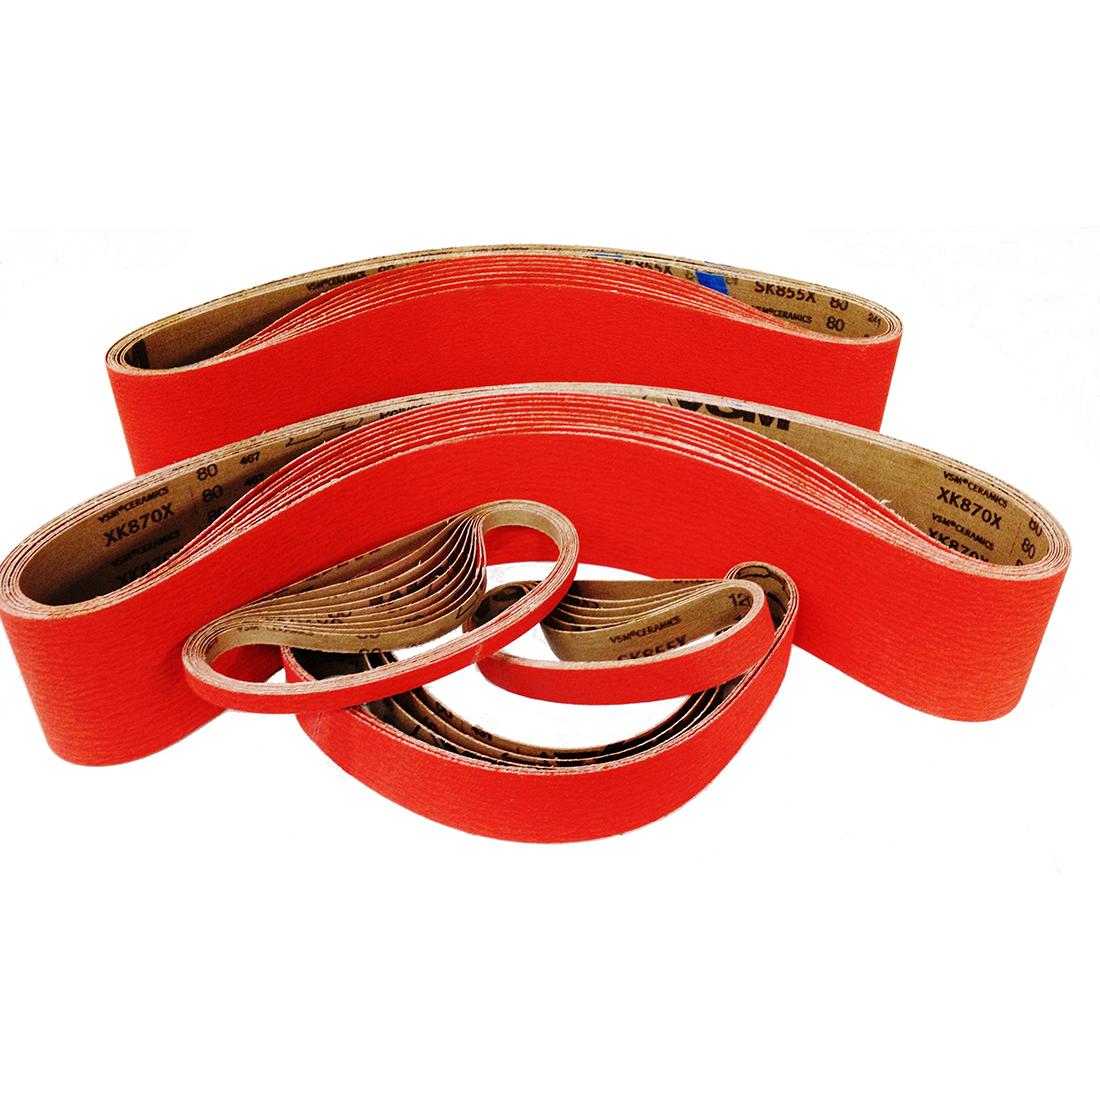 CA/Y Firestorm Ceramic Plus Narrow Cloth Belts